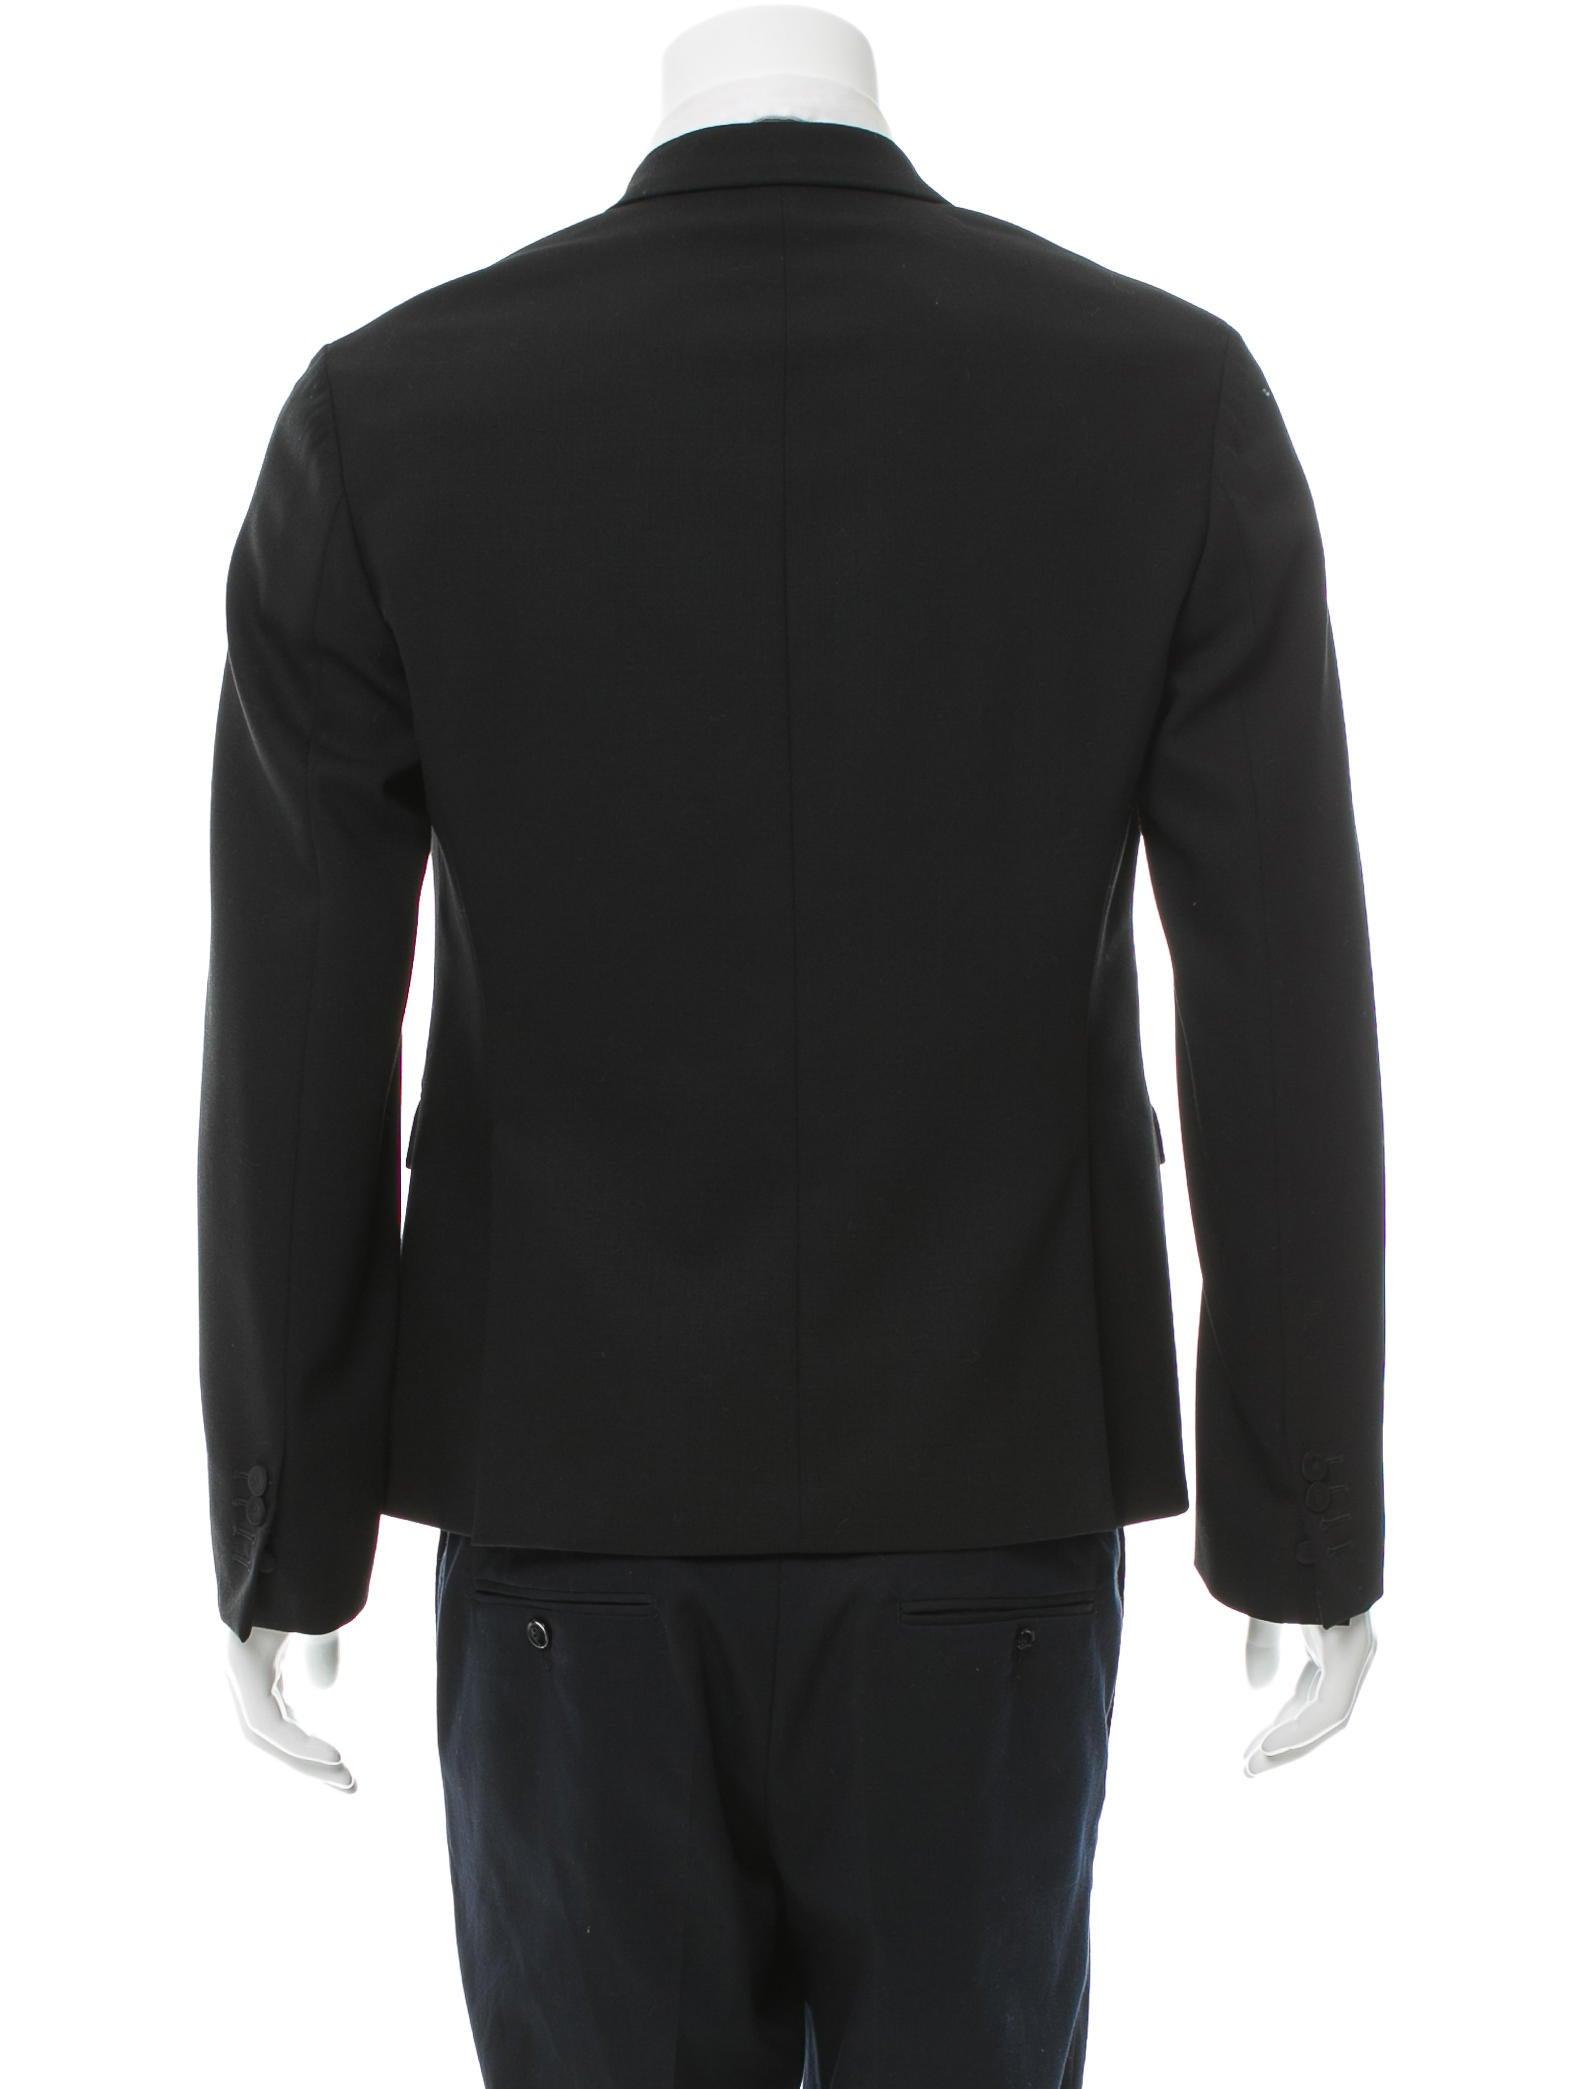 Neil barrett wool tuxedo jacket clothing neb20839 for Neil barrett tuxedo shirt